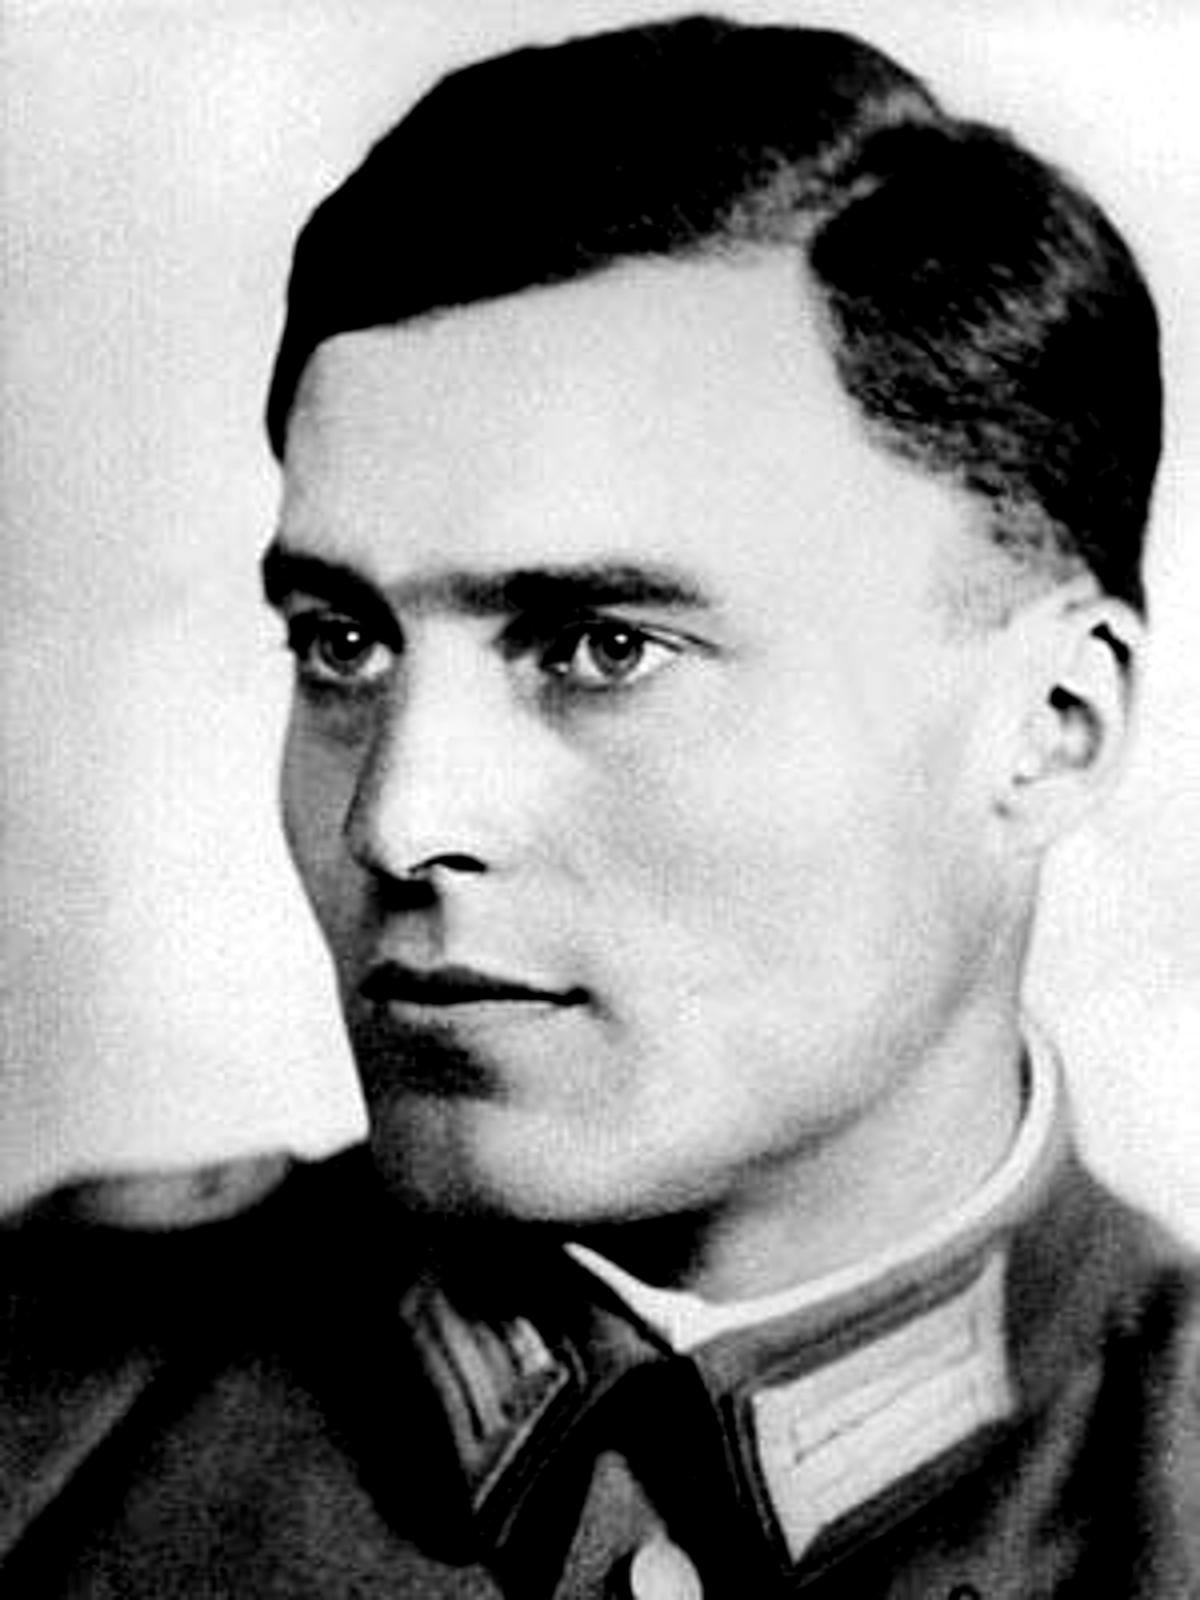 Porträt Claus von Stauffenberg (1907-1944)